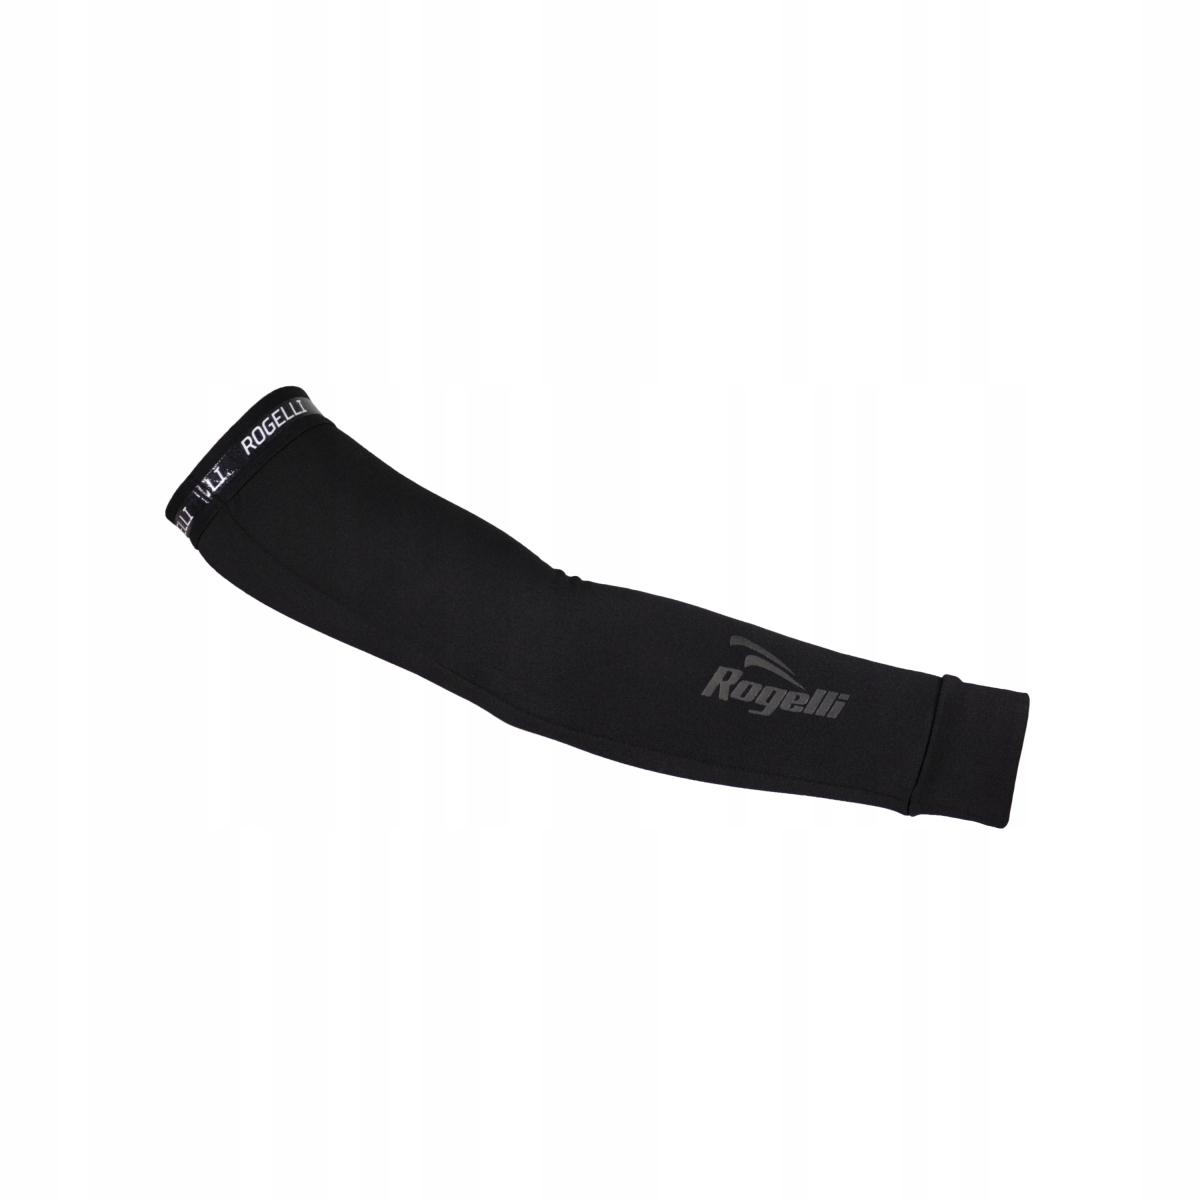 ROGELLI AQUABLOCK rękawki rowerowe XL/XXL